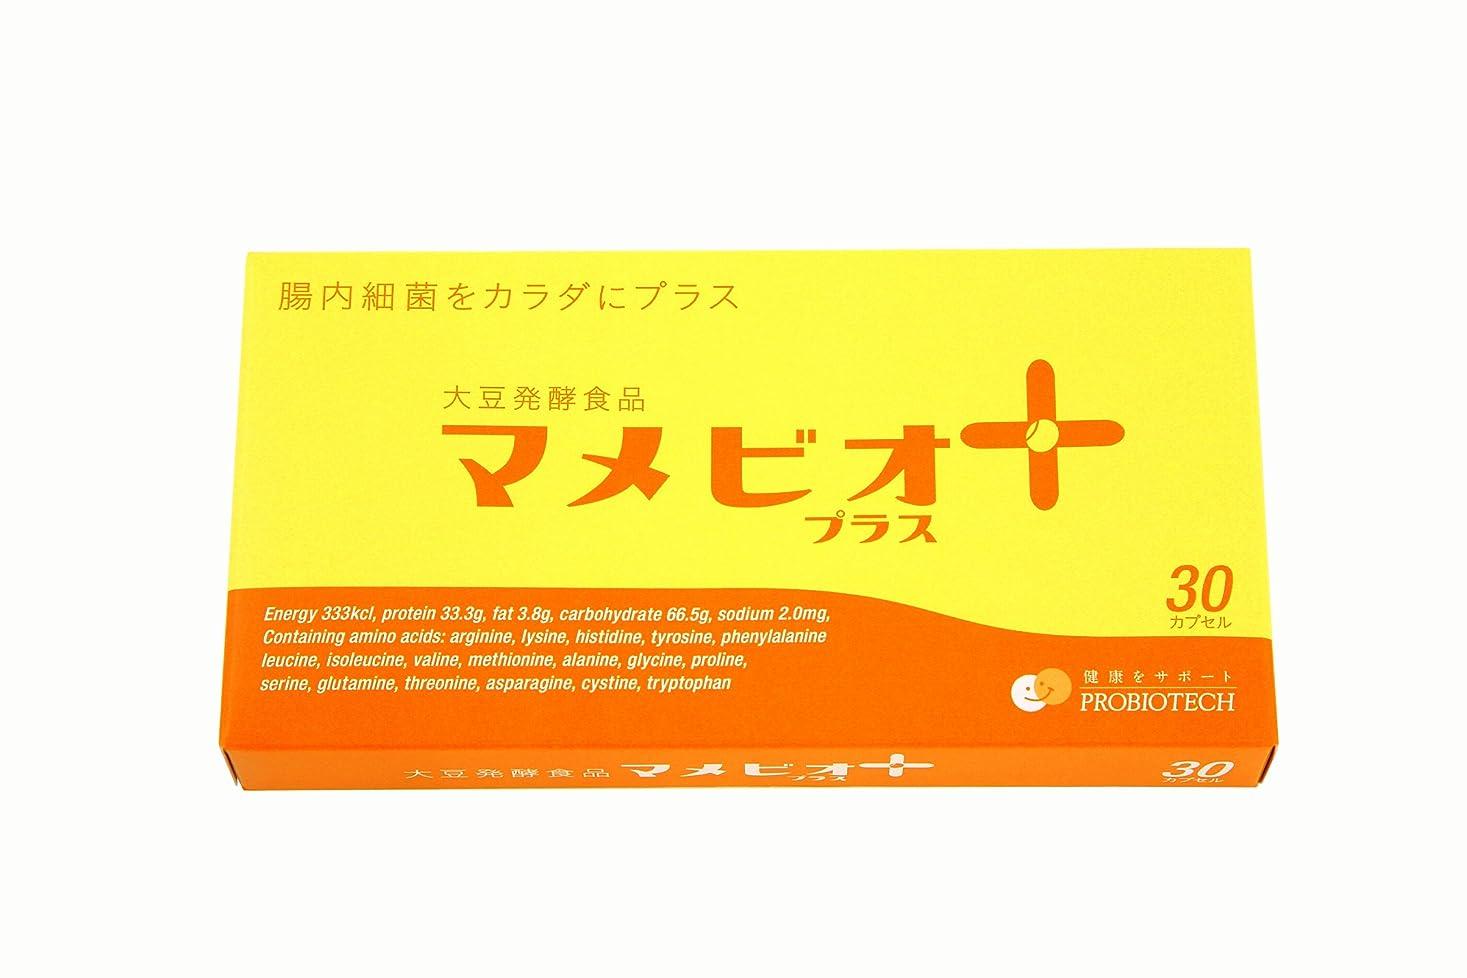 研究酔ったコピー土壌菌サプリ マメビオプラス(1箱)自然大豆発酵食品